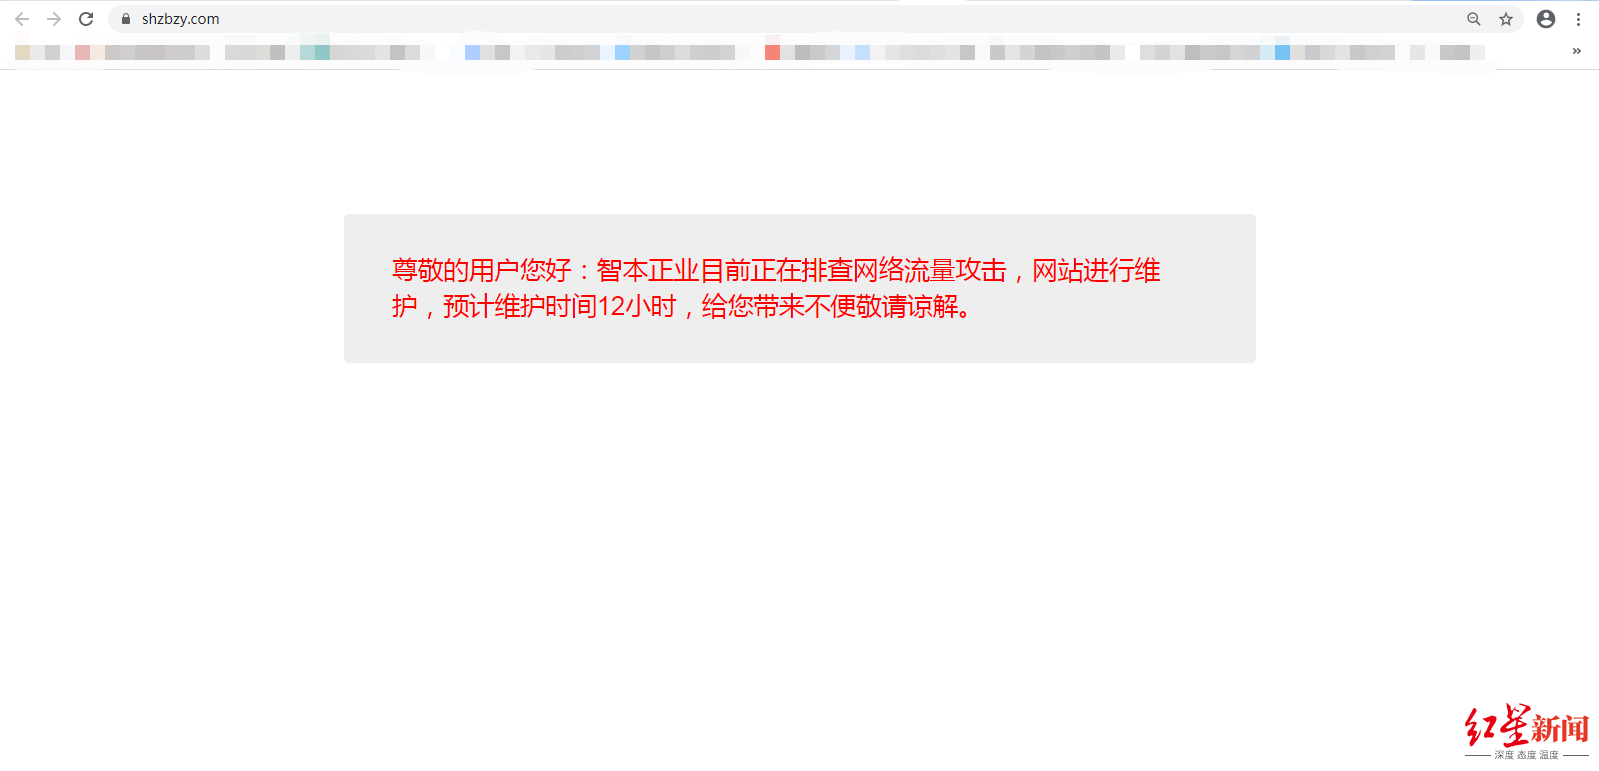 天山生物澄清实控人非场外配资老板 网站客服:为避免被查才这样说